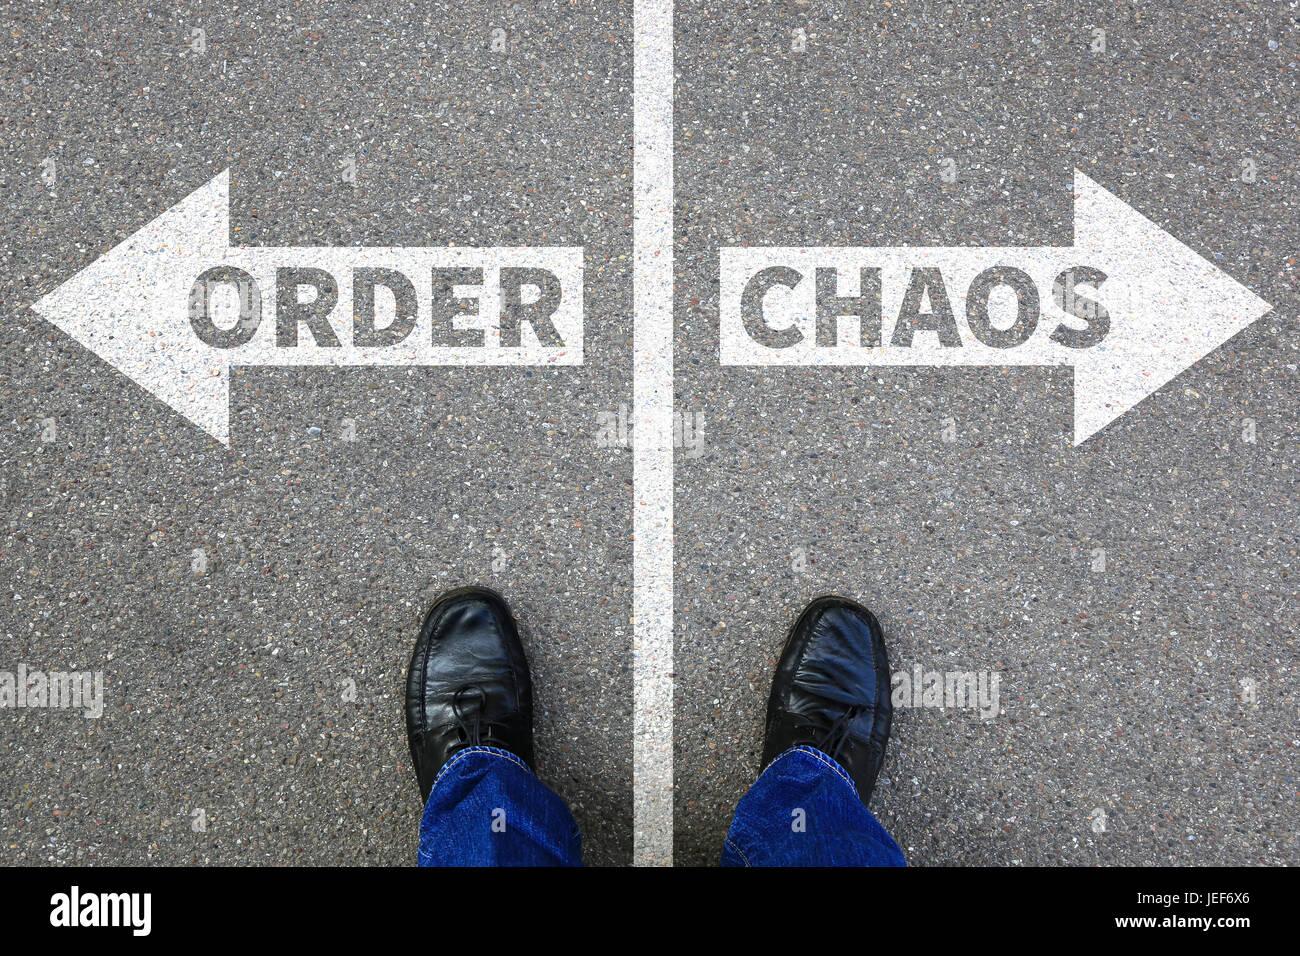 Caos e ordine ufficio organizzazione imprenditore il concetto di business di successo di successo Immagini Stock